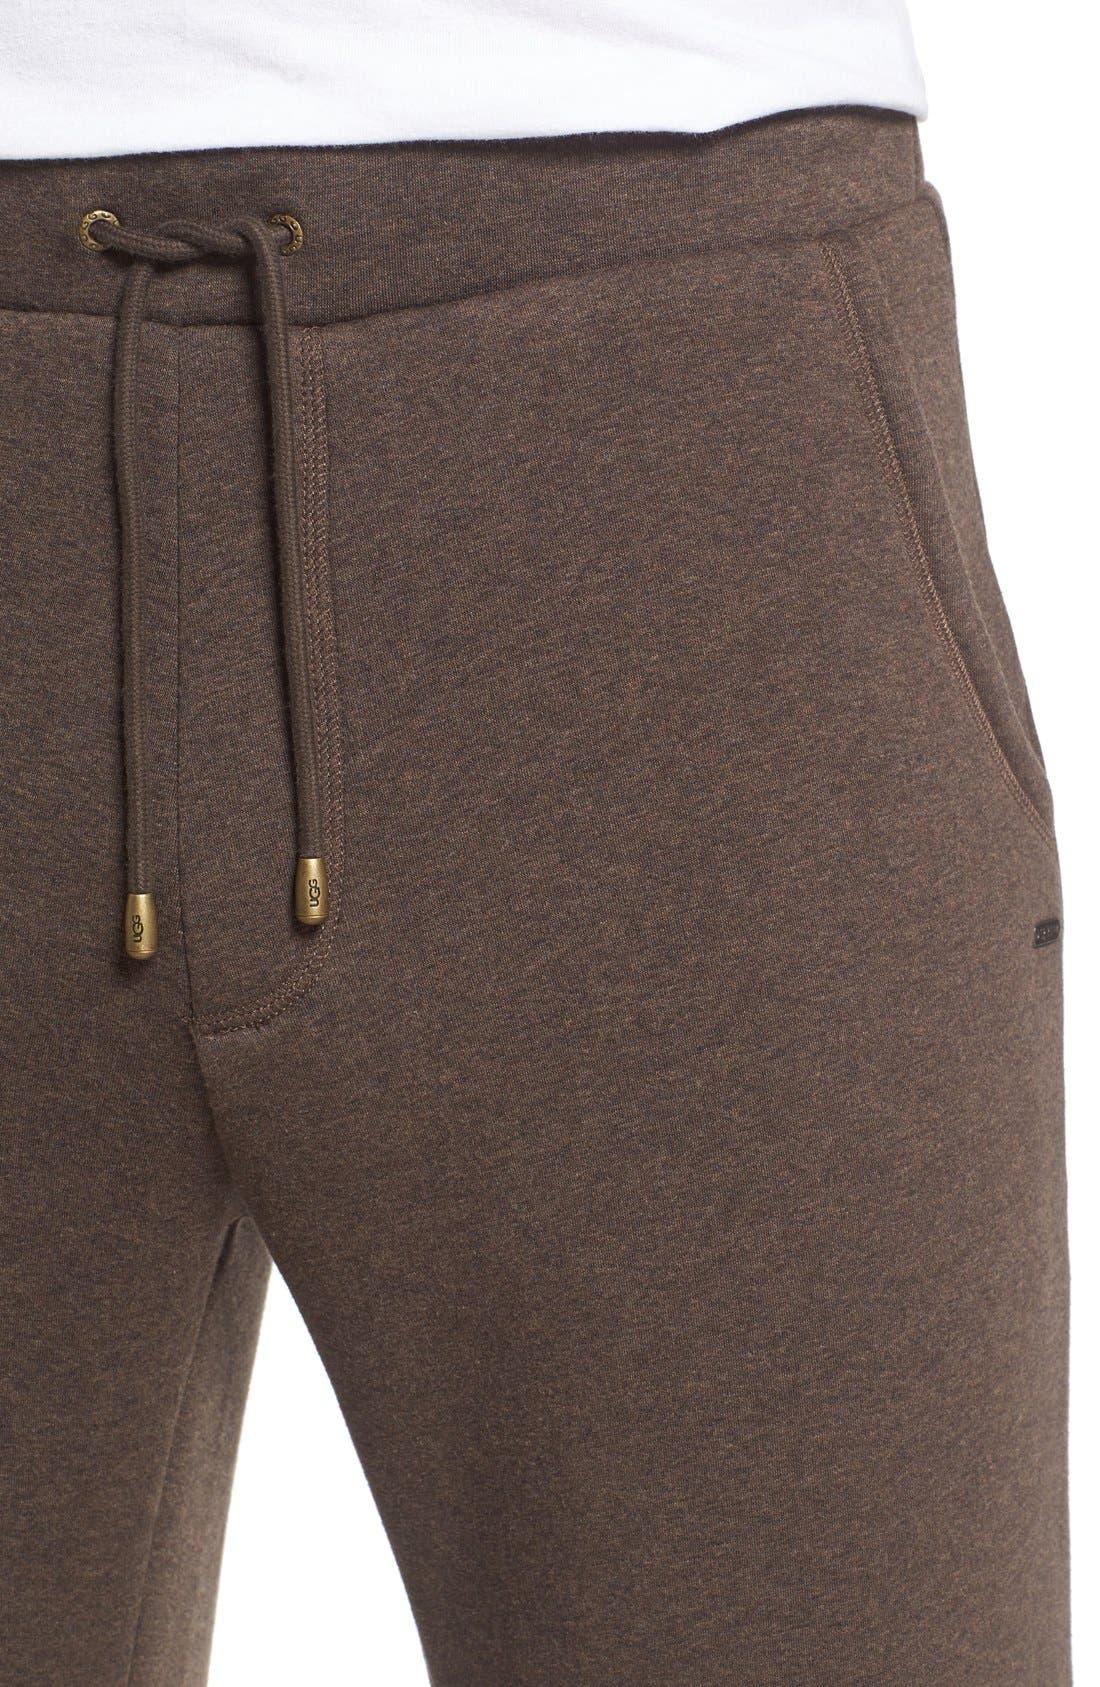 'Colton' Lounge Pants,                             Alternate thumbnail 4, color,                             Stout Heather